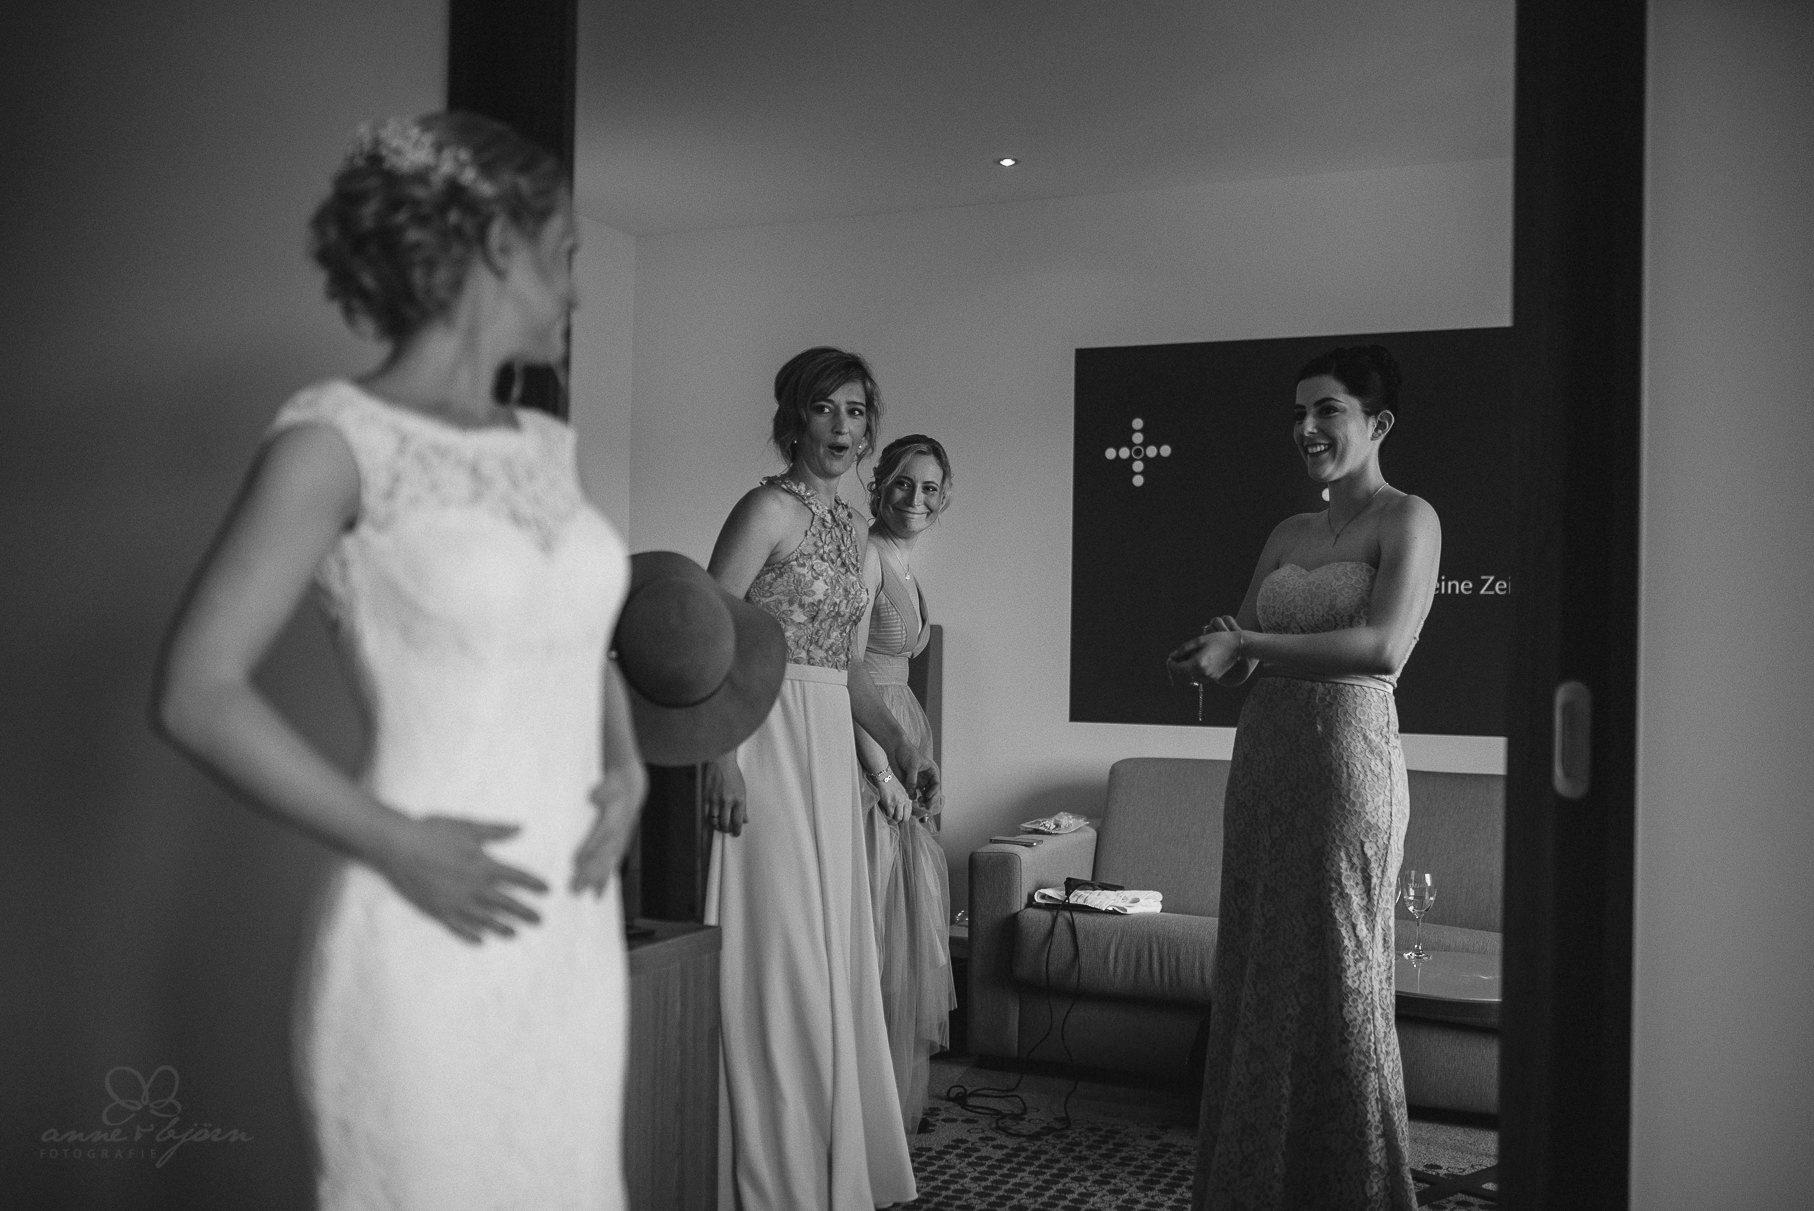 0024 anne und bjoern hochzeit schweiz d75 9622 - DIY Hochzeit in der Schweiz - Sabrina & Christoph